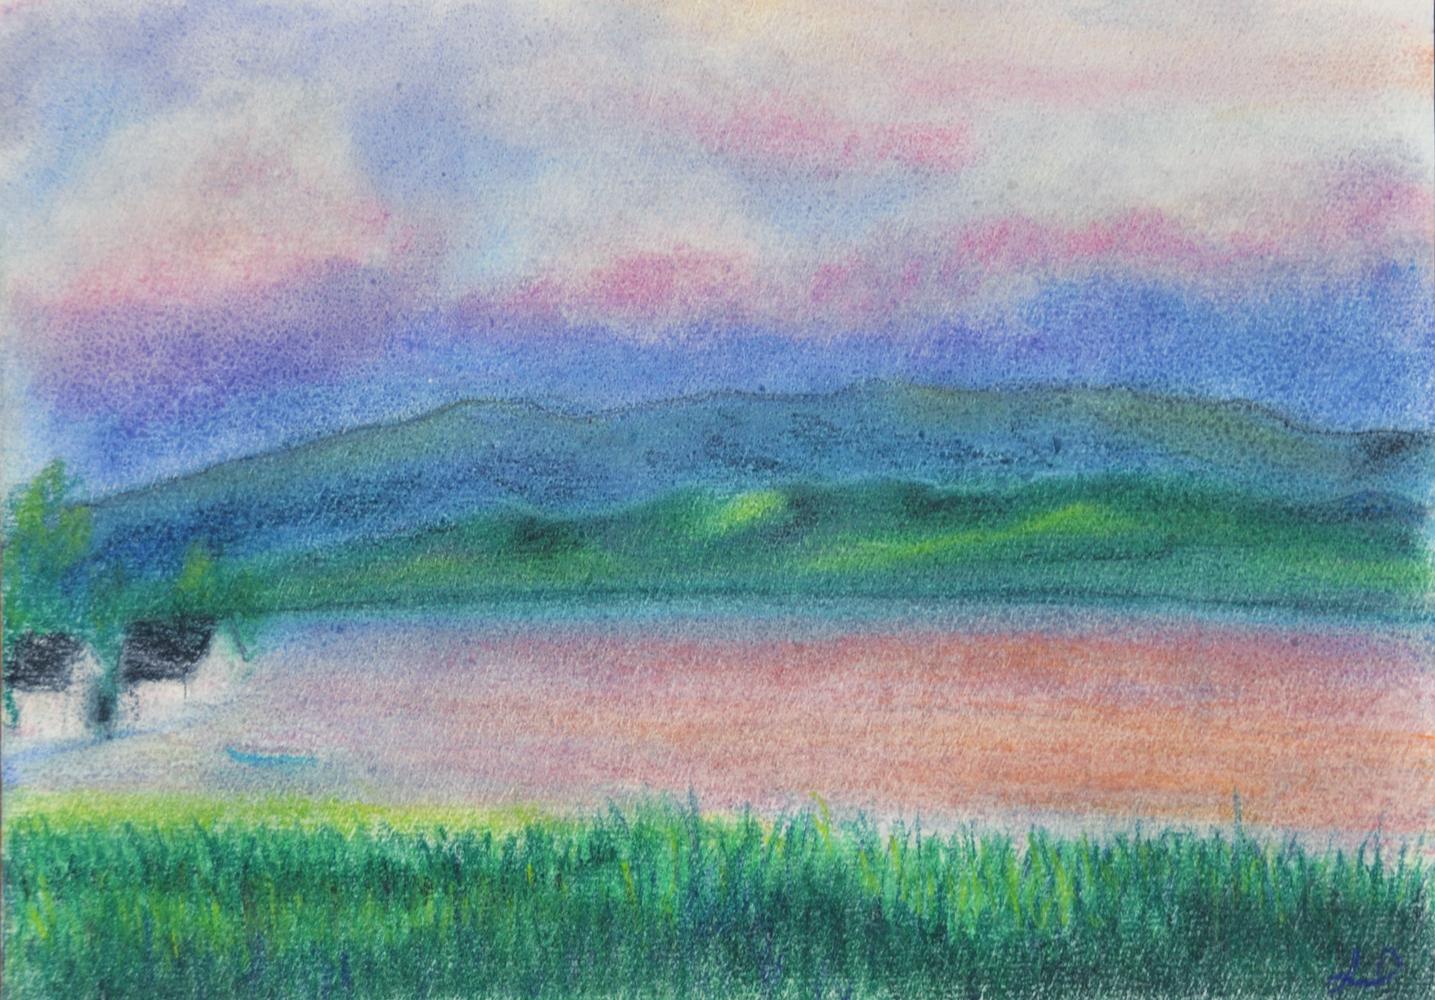 Lac de Zurich no.2. Pastel sec sur papier. 15x21, 2013